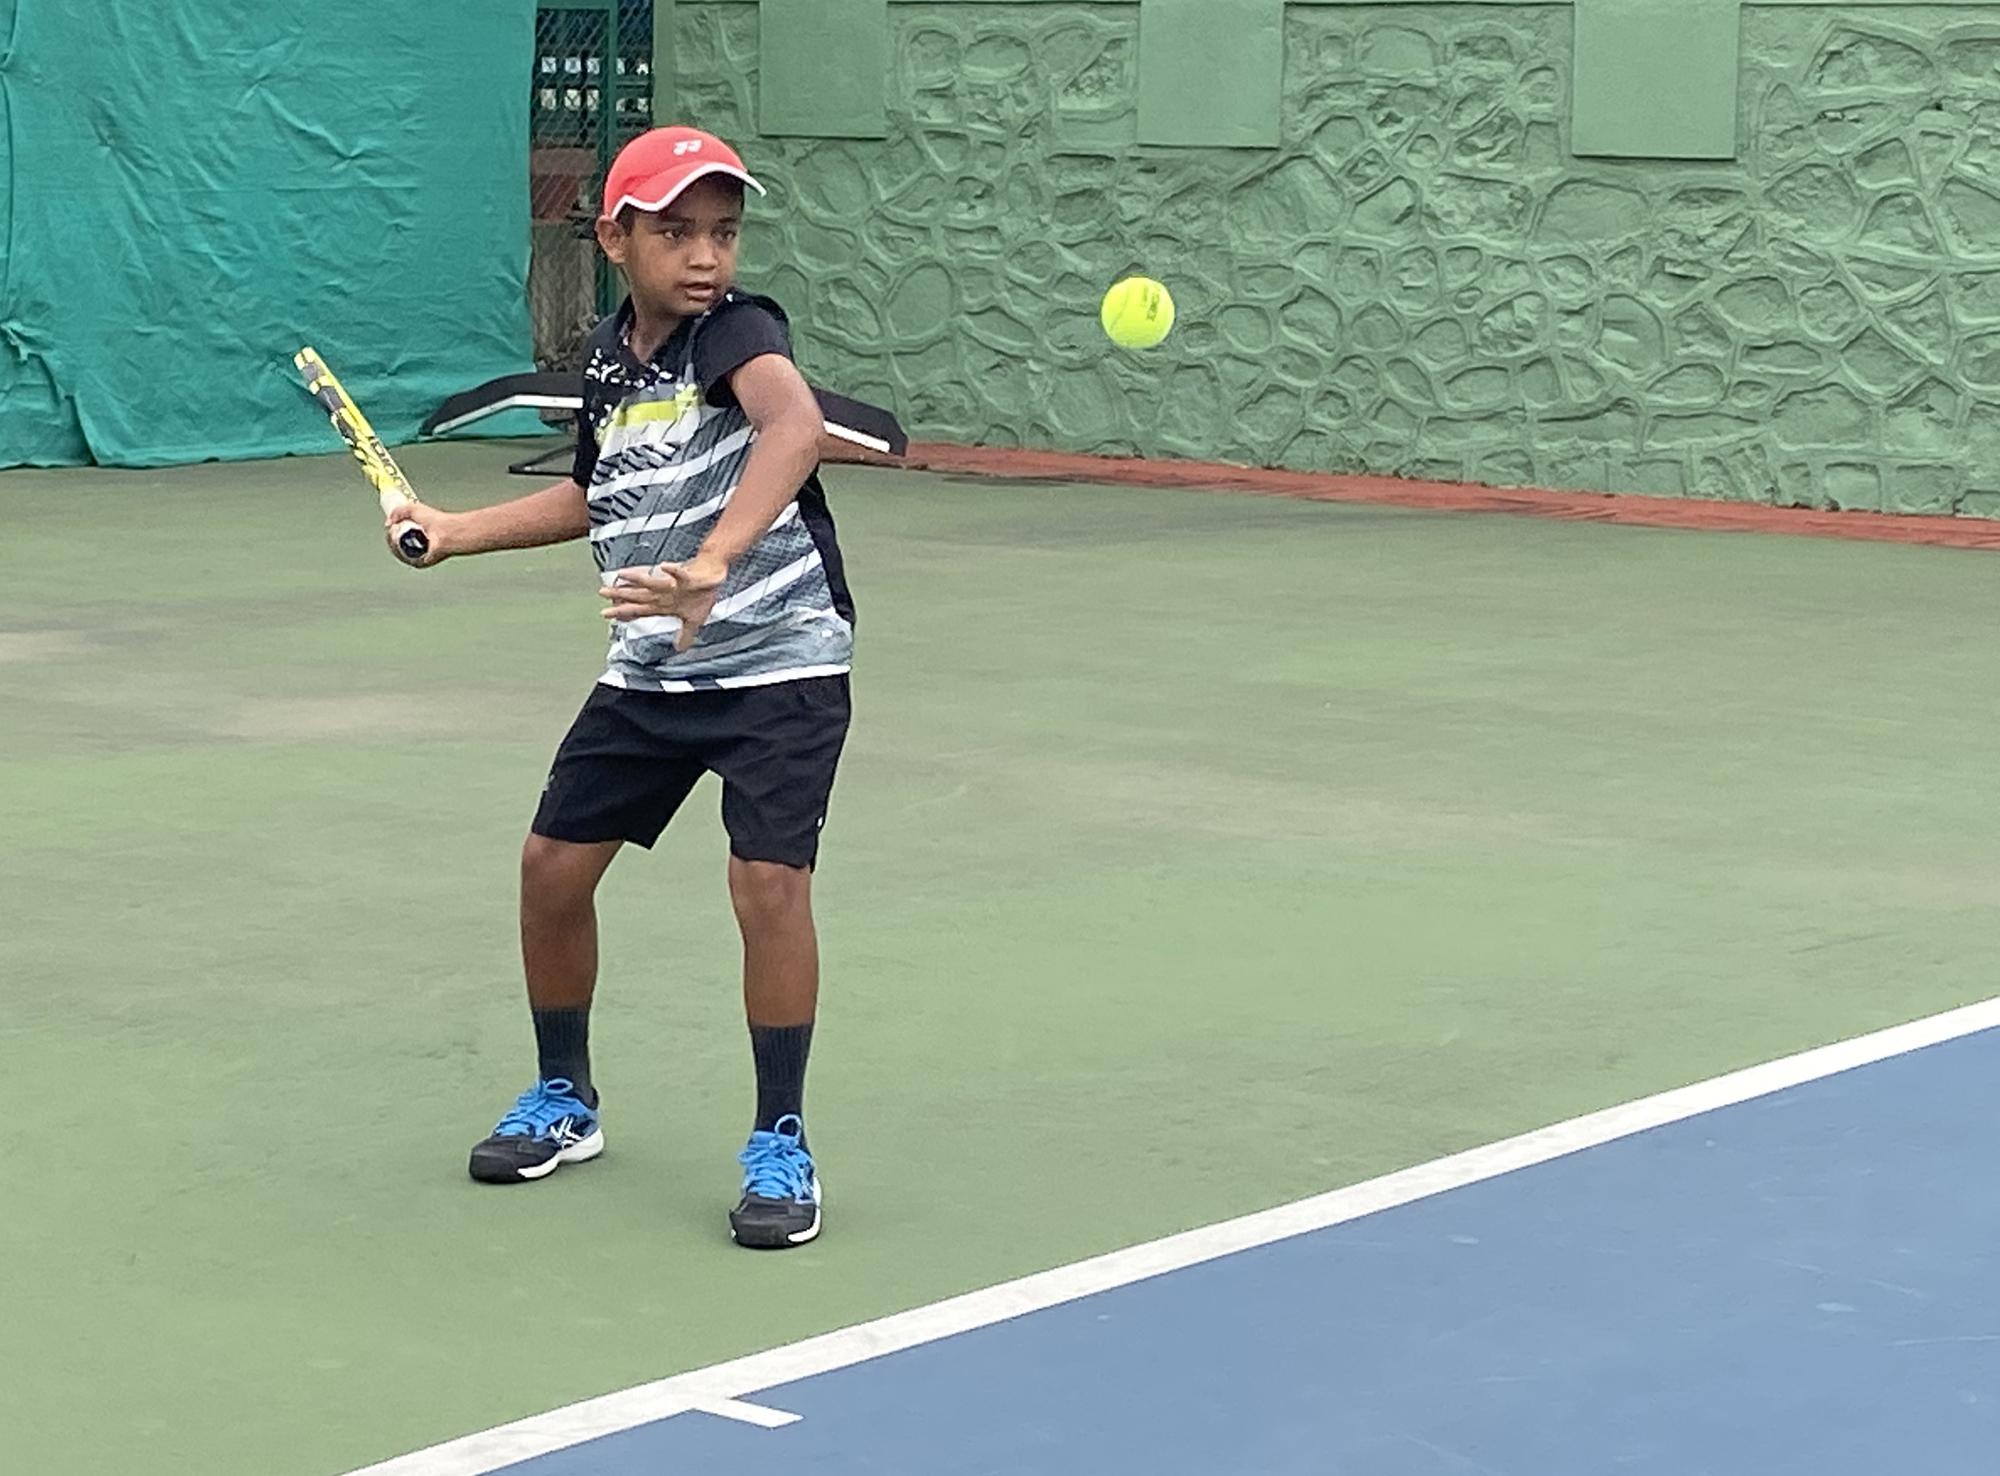 14 वर्षाखालील टेनिस स्पर्धेत सूर्या काकडे, आयुश पुजारी, राजवीर पाडाळे यांची विजयी सलामी